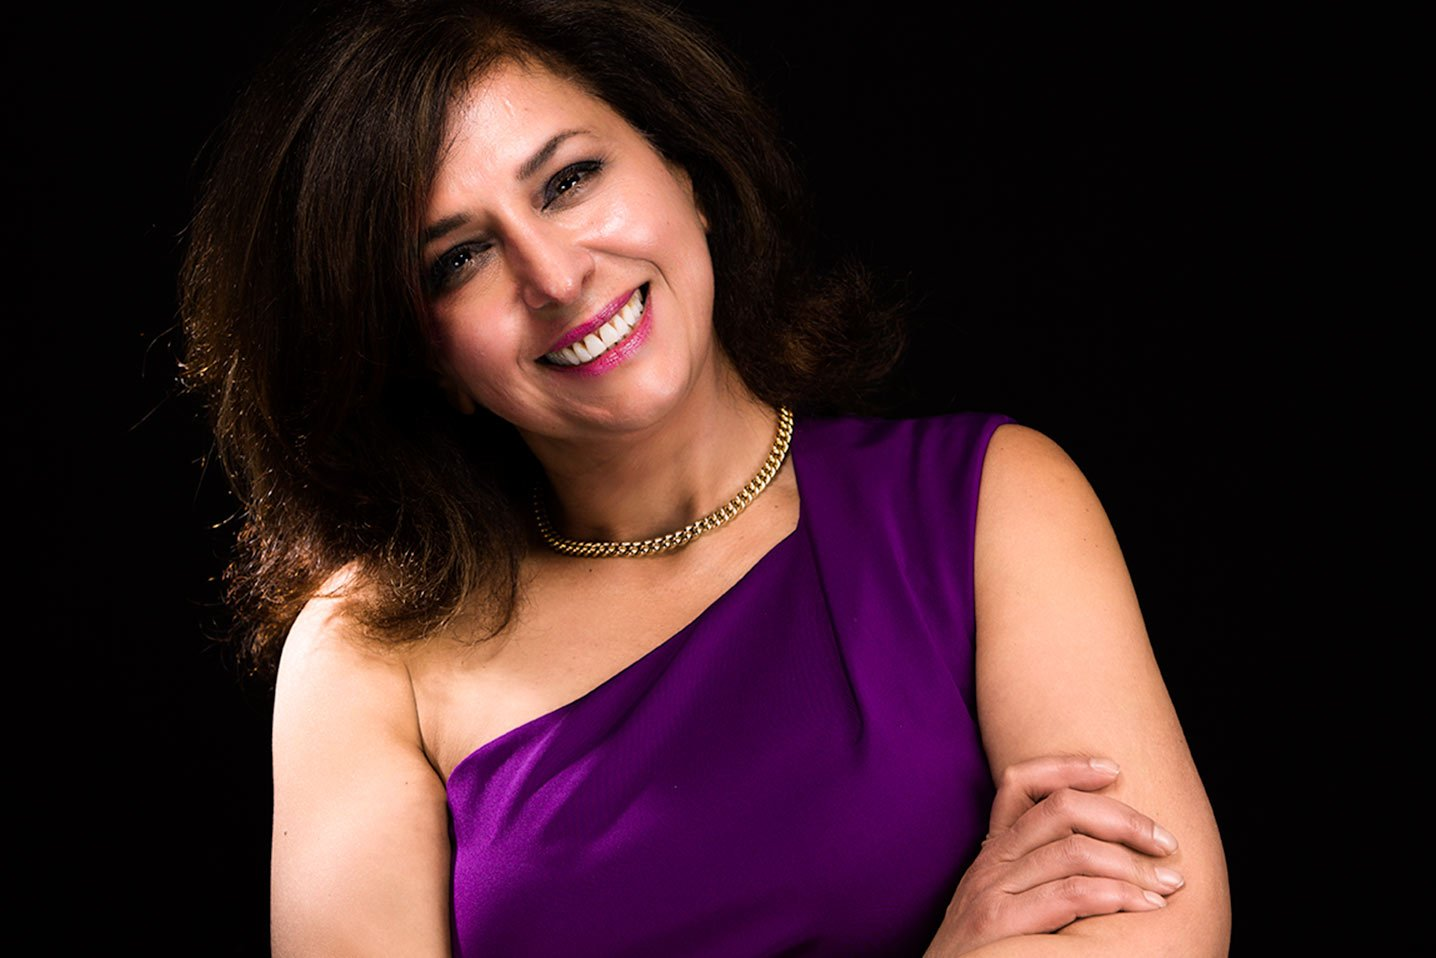 Smiling woman in purple dress